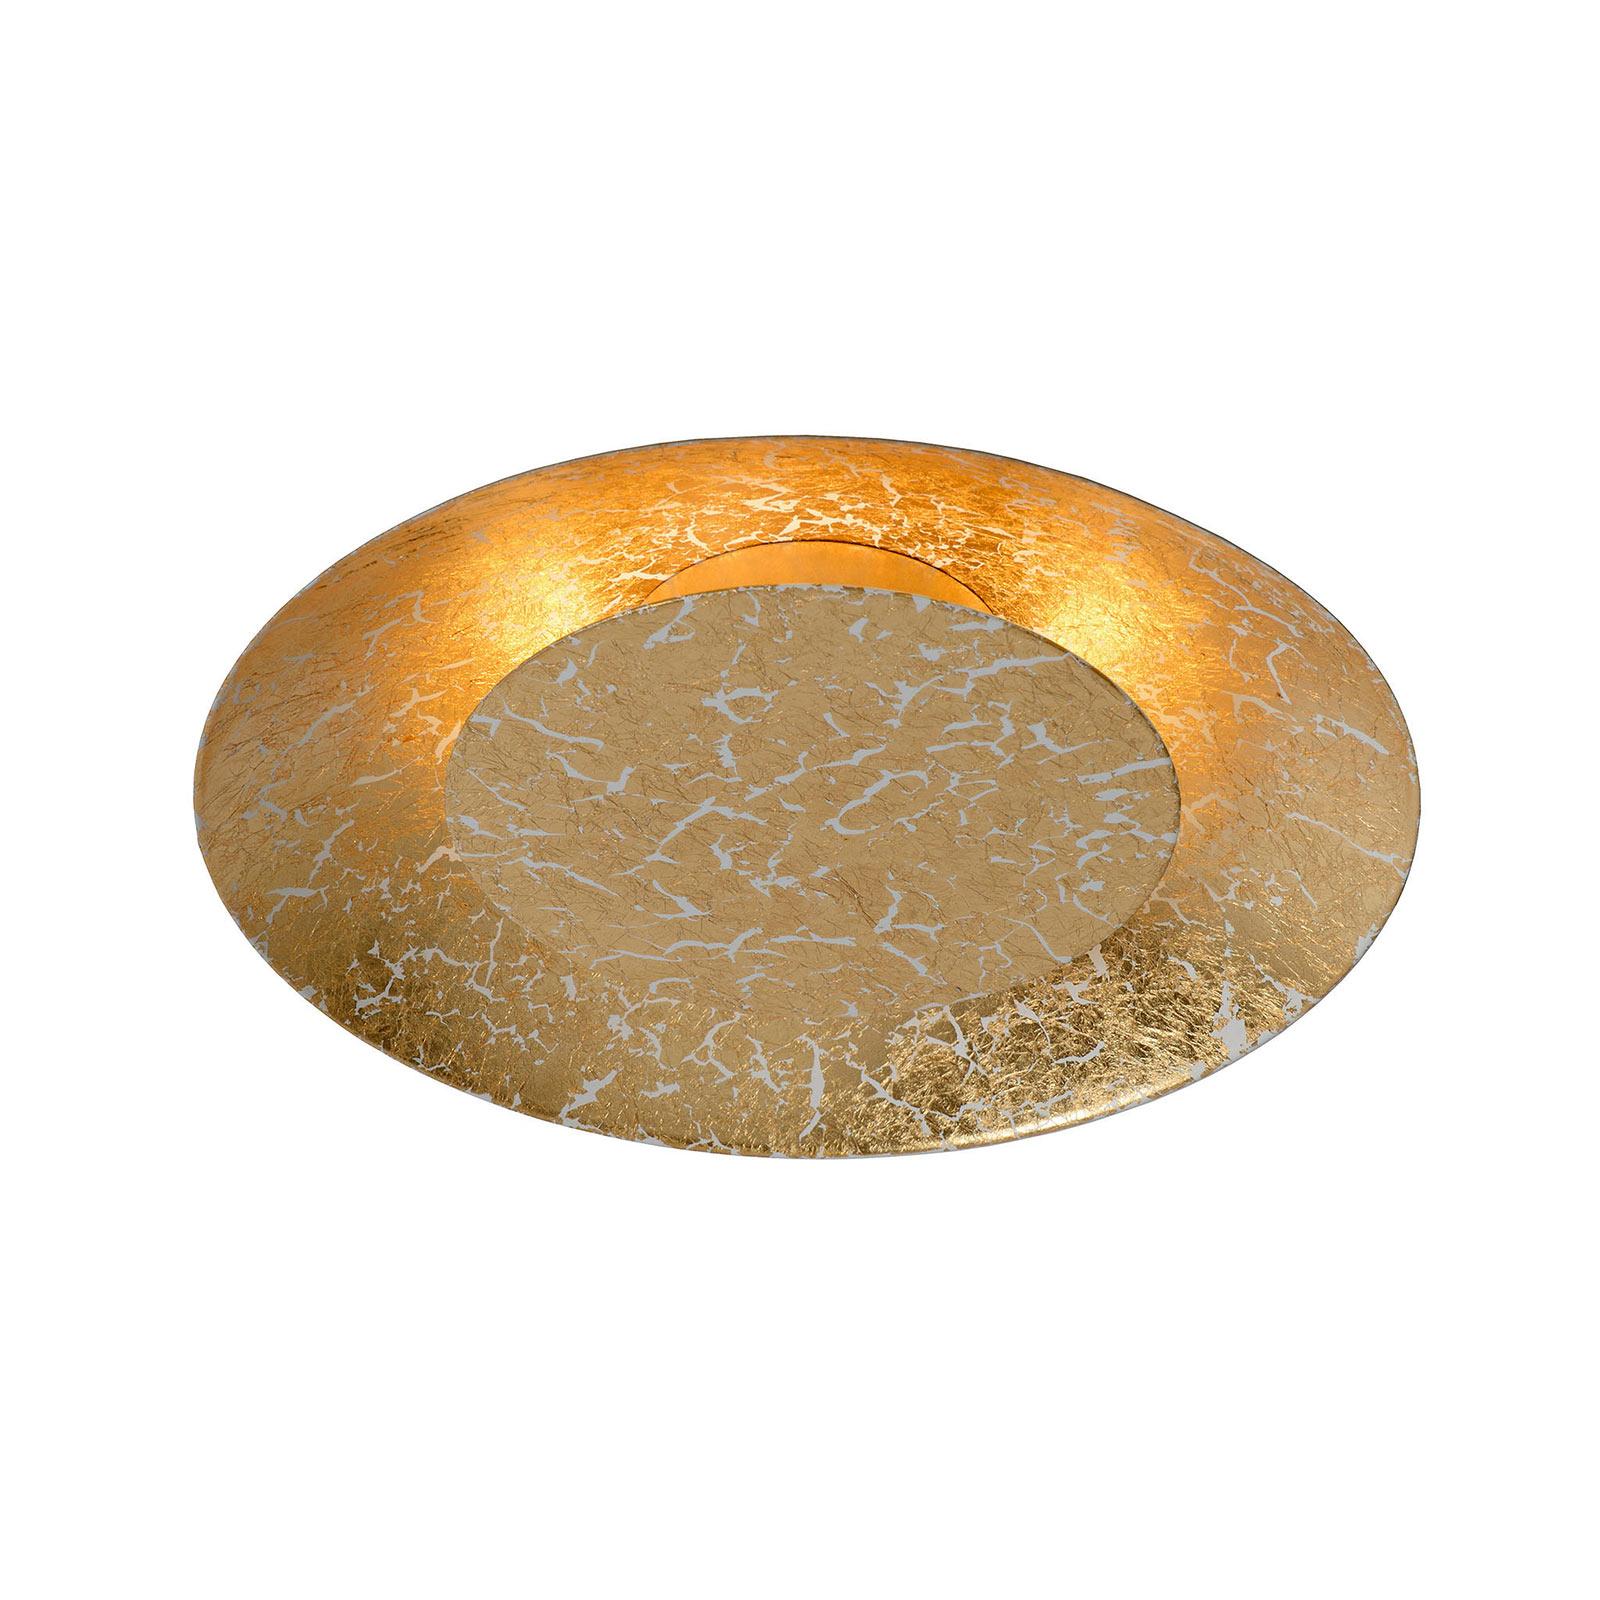 Foskal LED-taklampe messing, Ø 21,5 cm